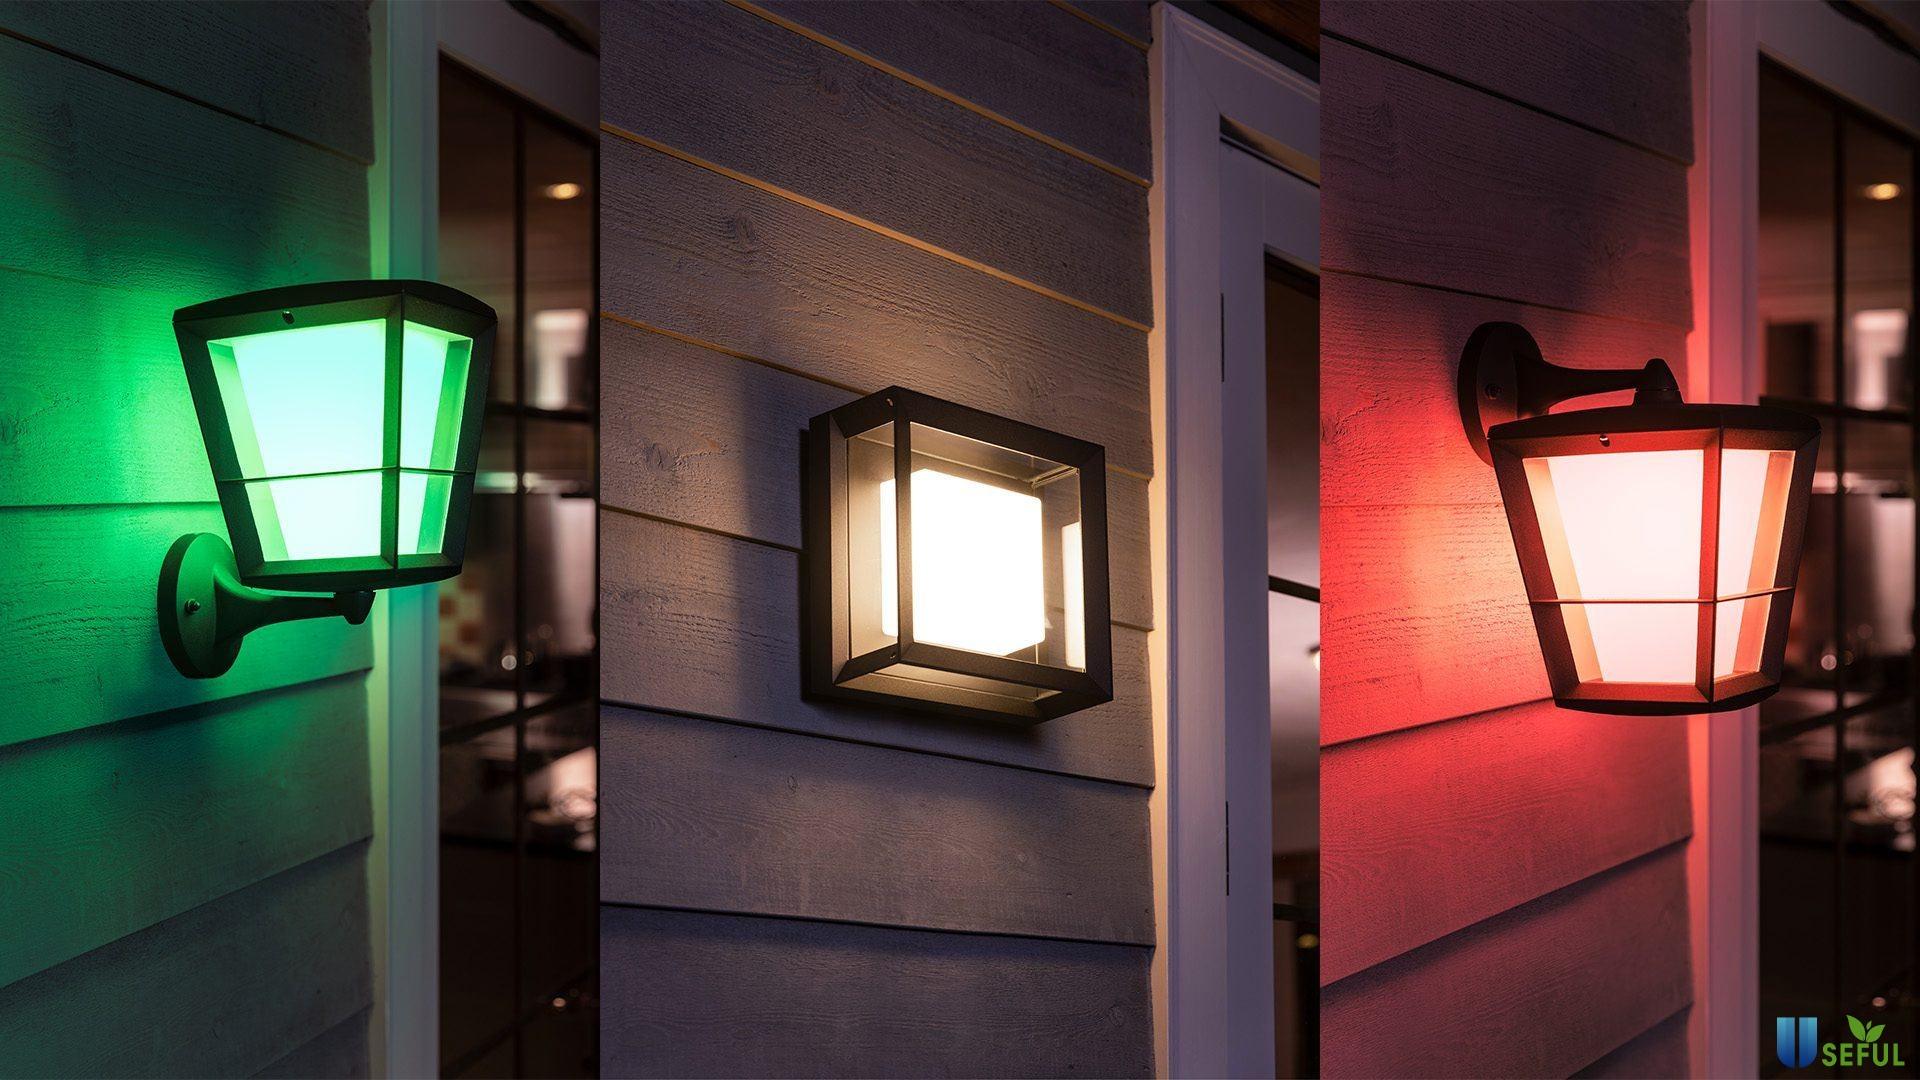 Econic Outdoor Wall Light với khả năng chống chịu với cả thời tiết khắc nghiệt